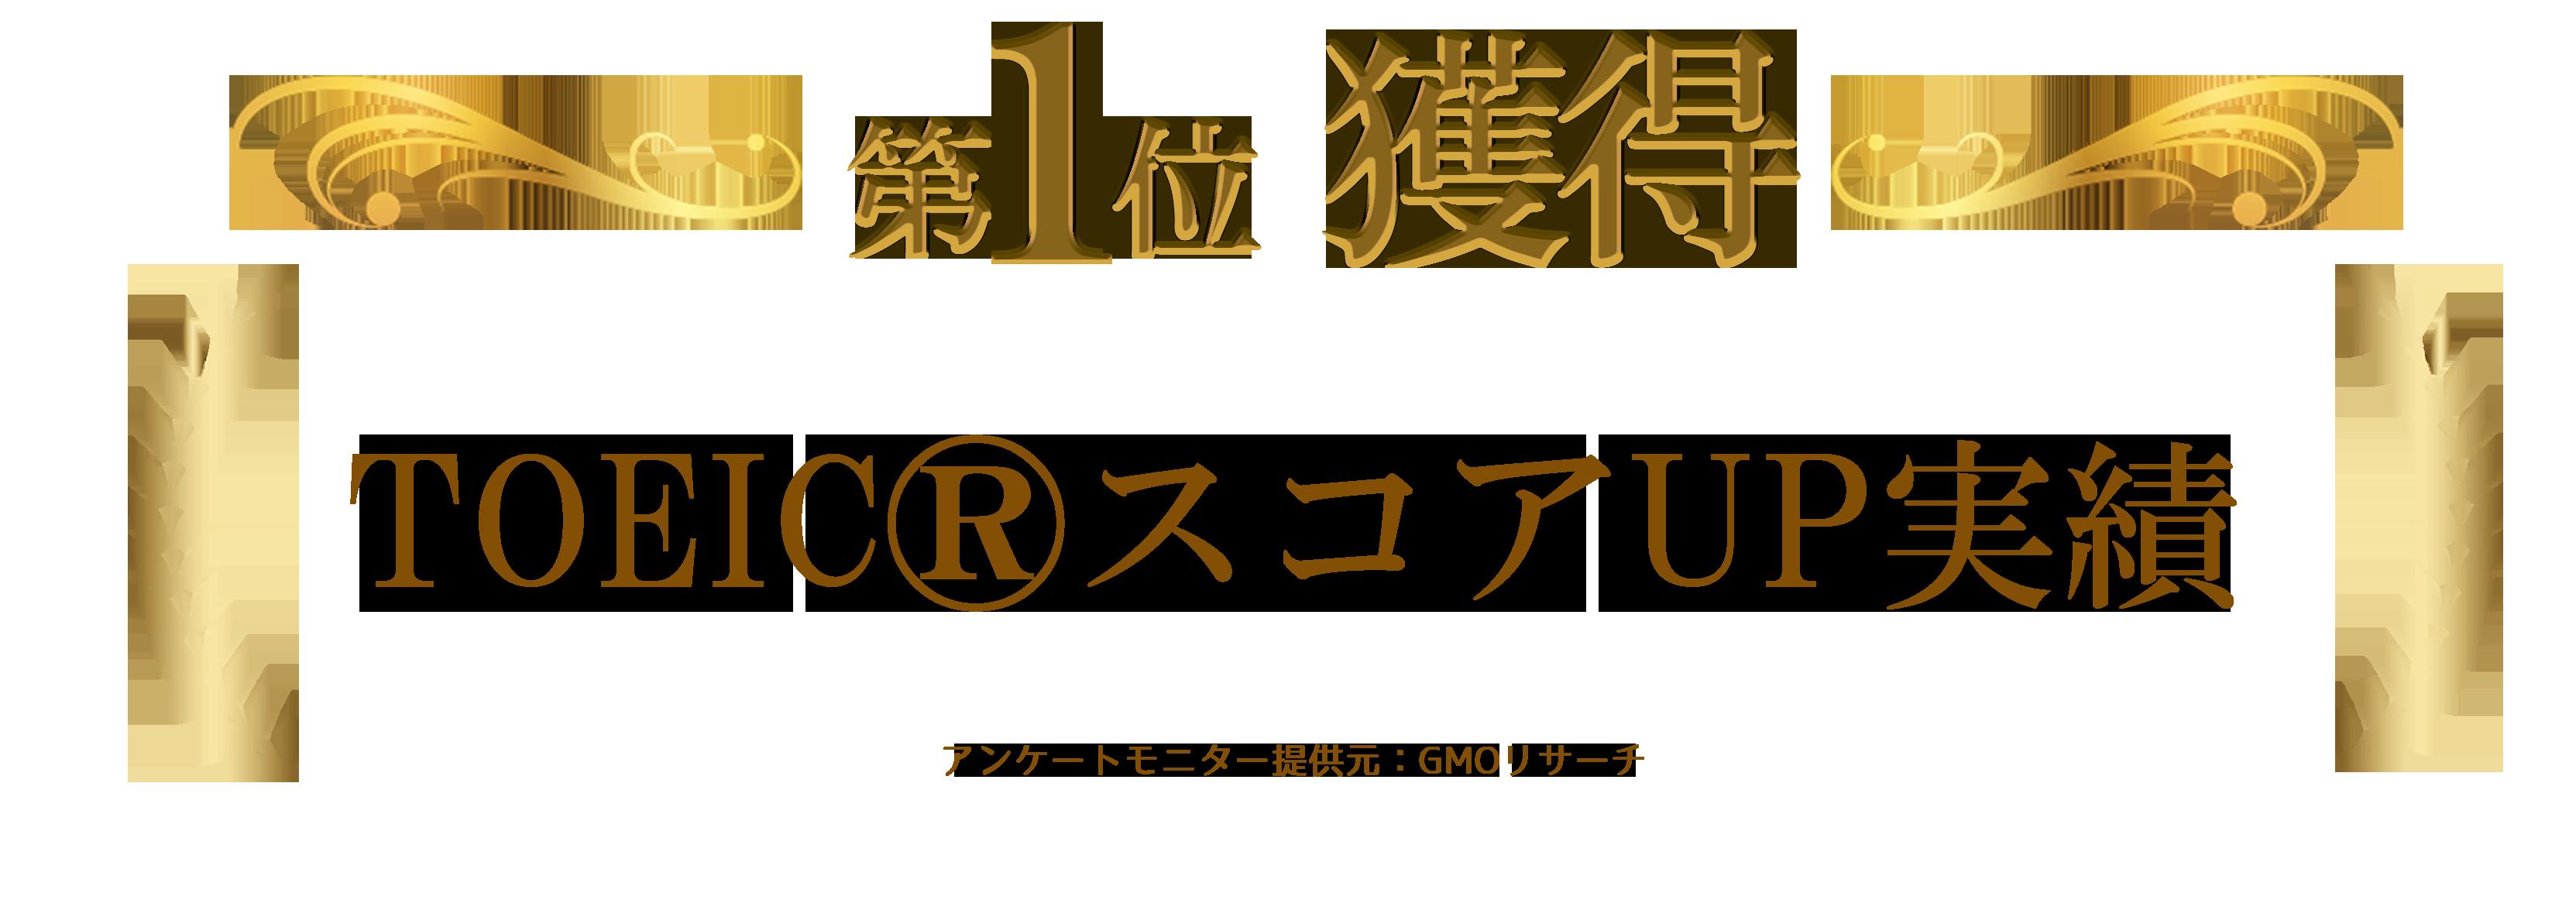 【名古屋  TOEIC®L&R TEST対策講座】  少人数グループコース